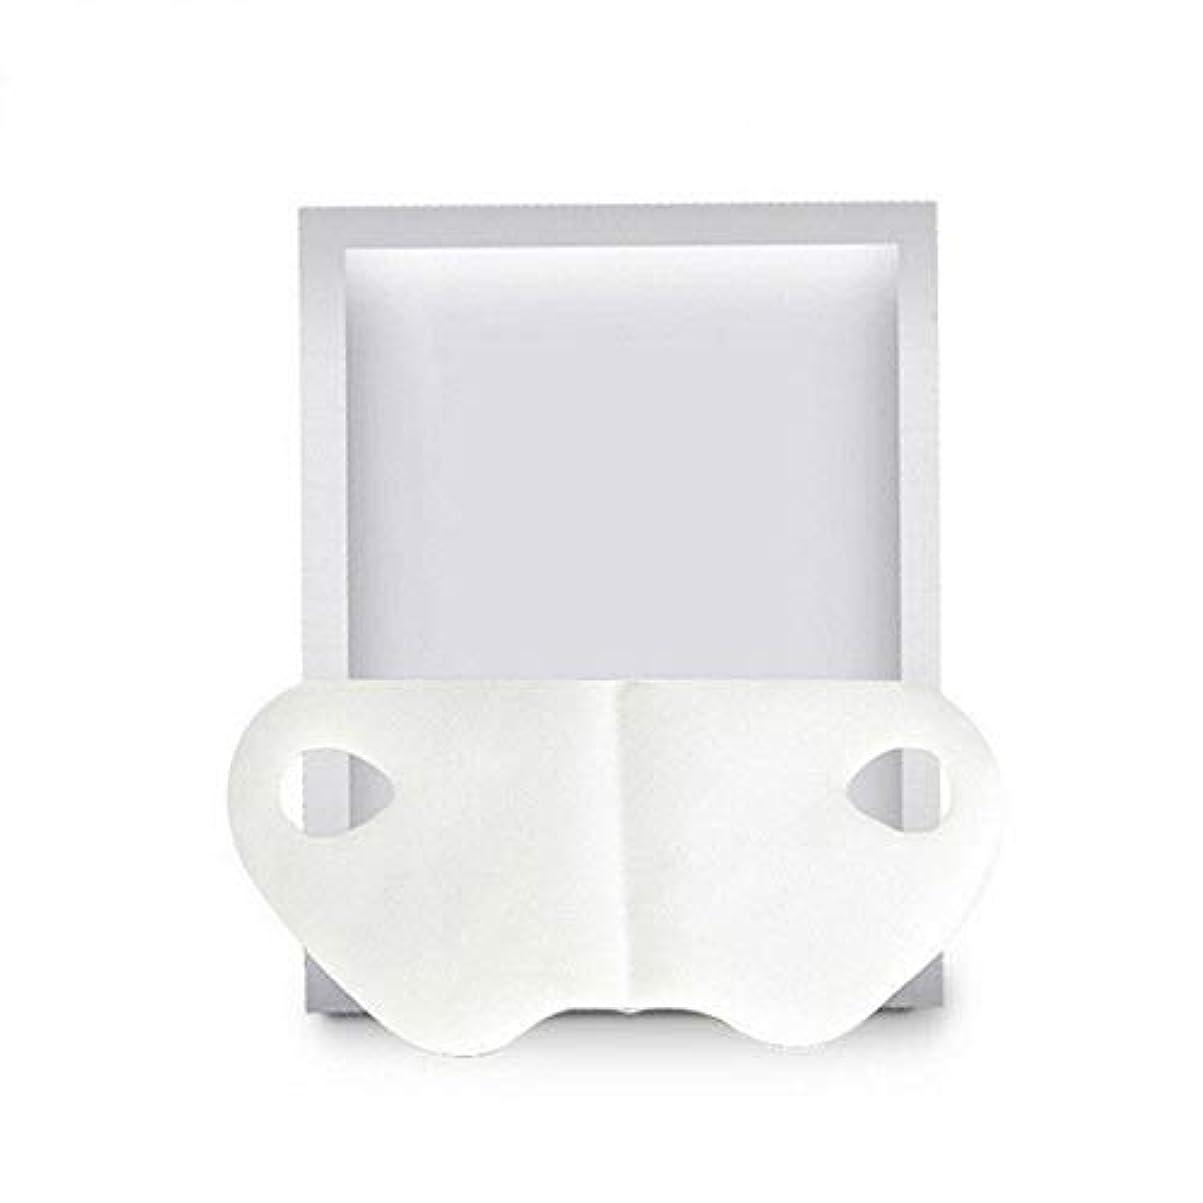 パイント抑圧者ジャーナリストCoolTack   保湿フェイスファーミングマスクをホワイトニングするV字型スリミングフェイスマスク